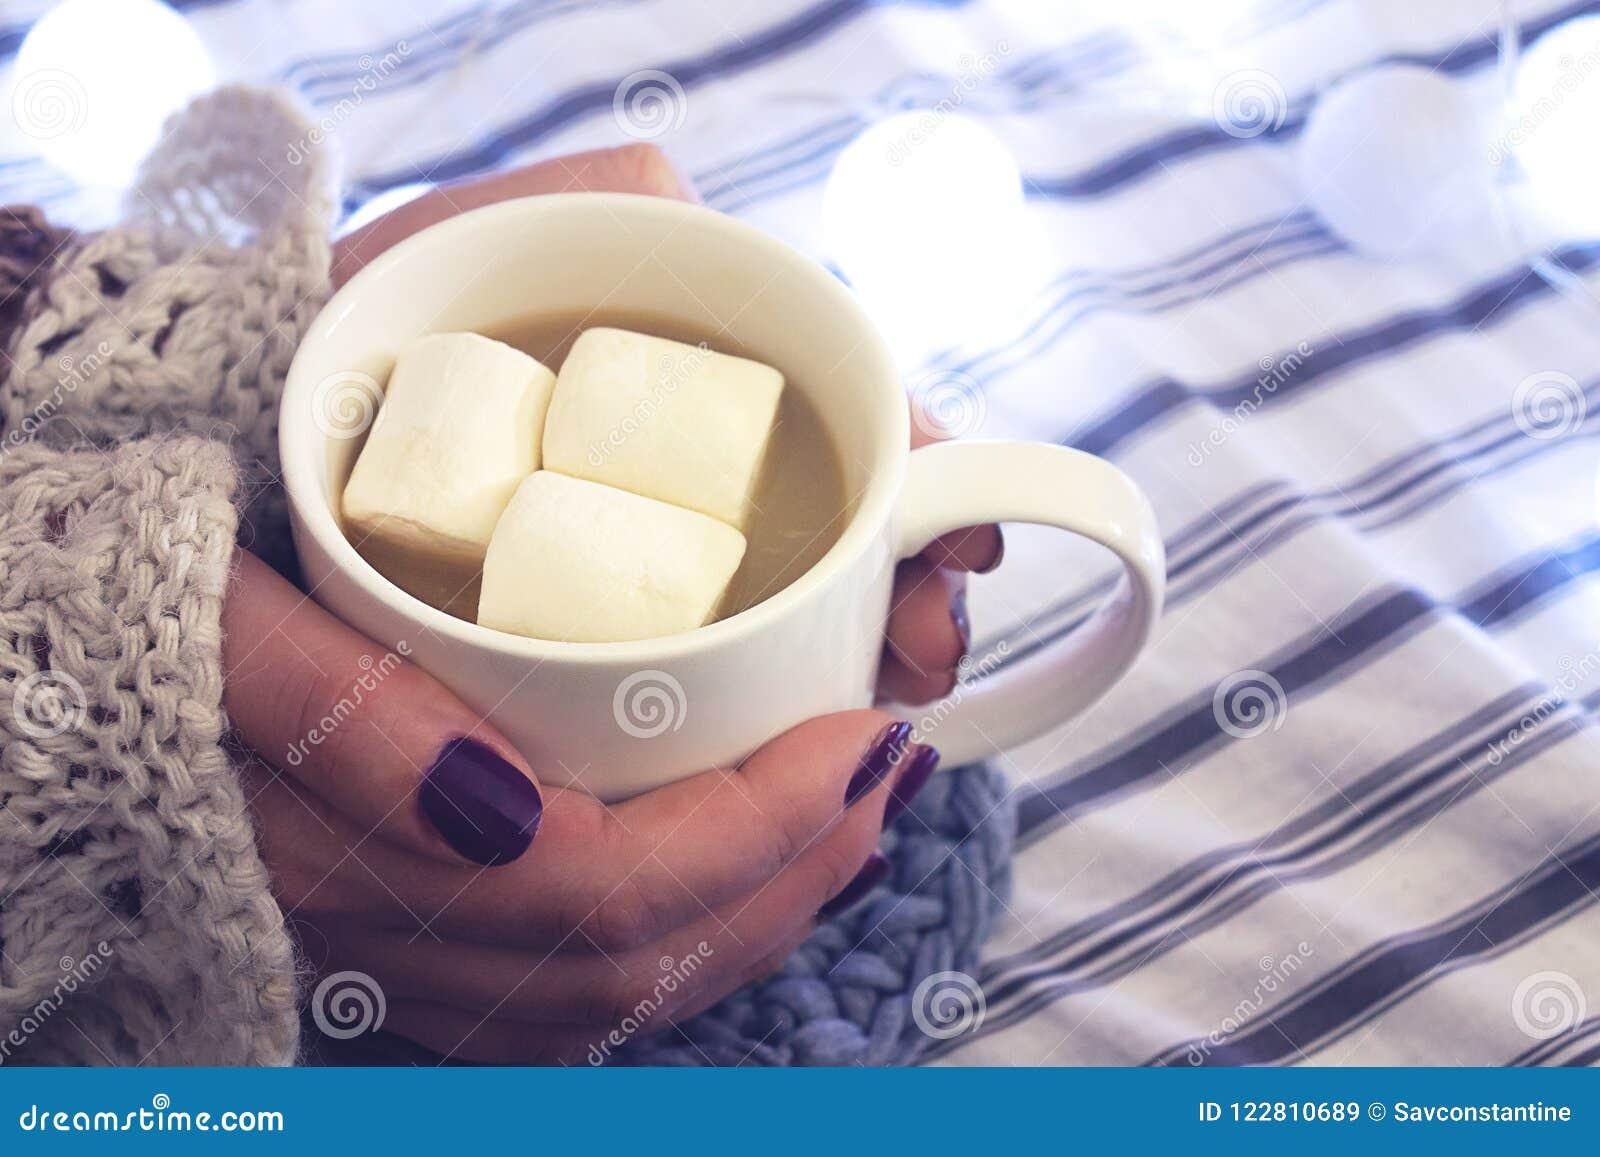 Девушка держит кофе с зефиром